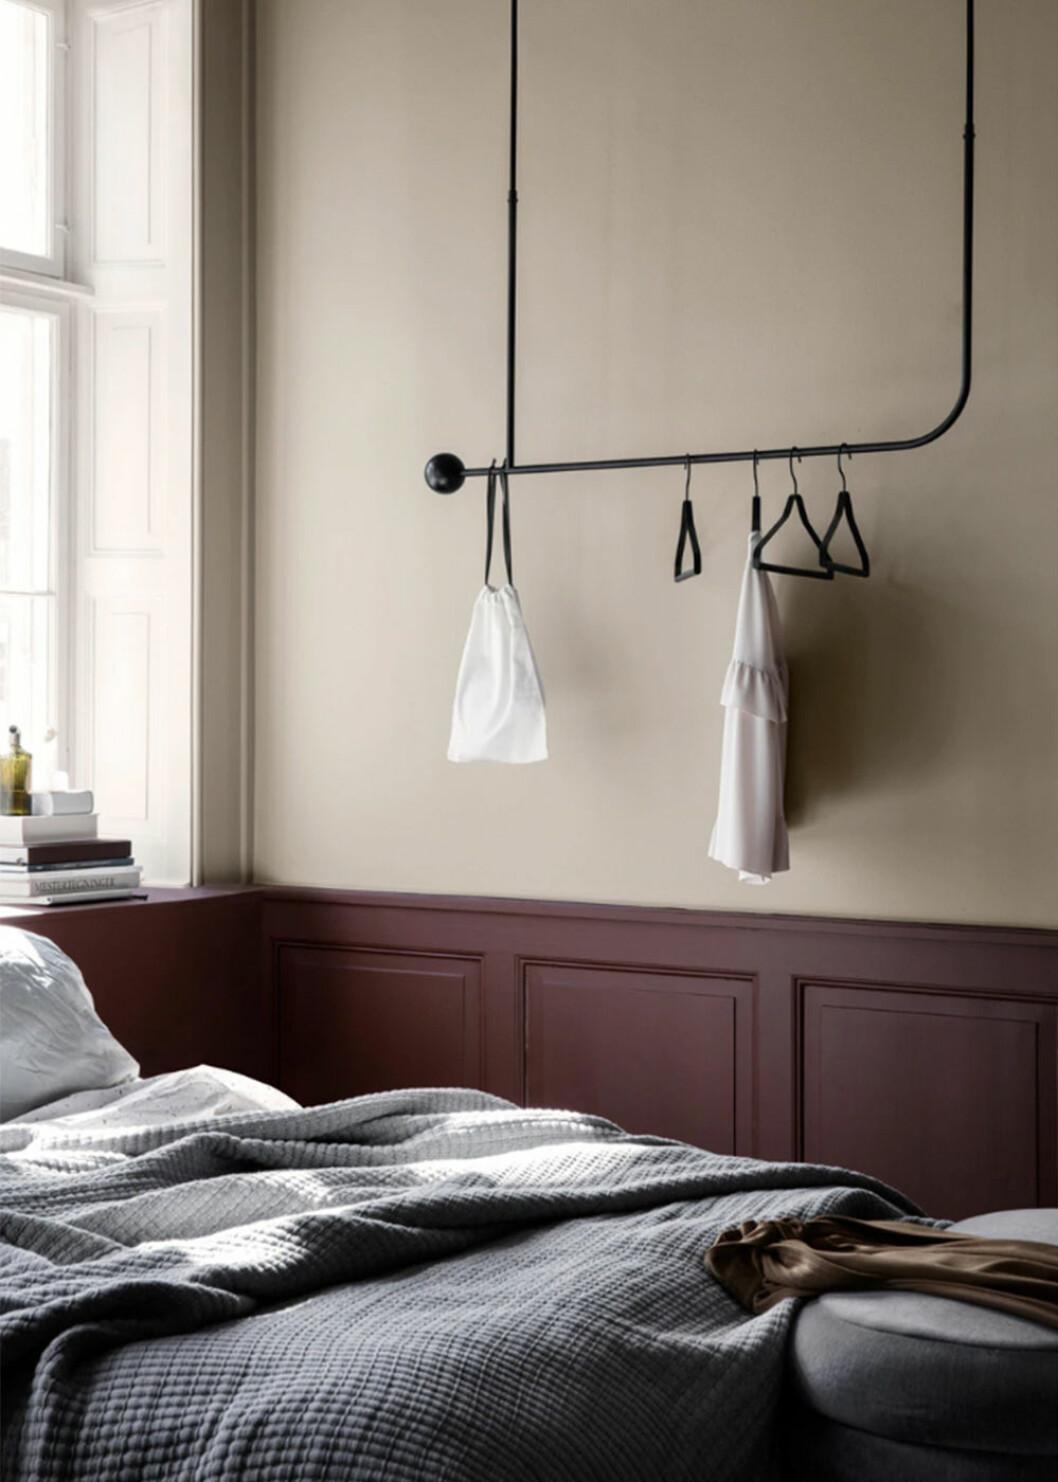 Compact living-klädförvaring i sovrummet